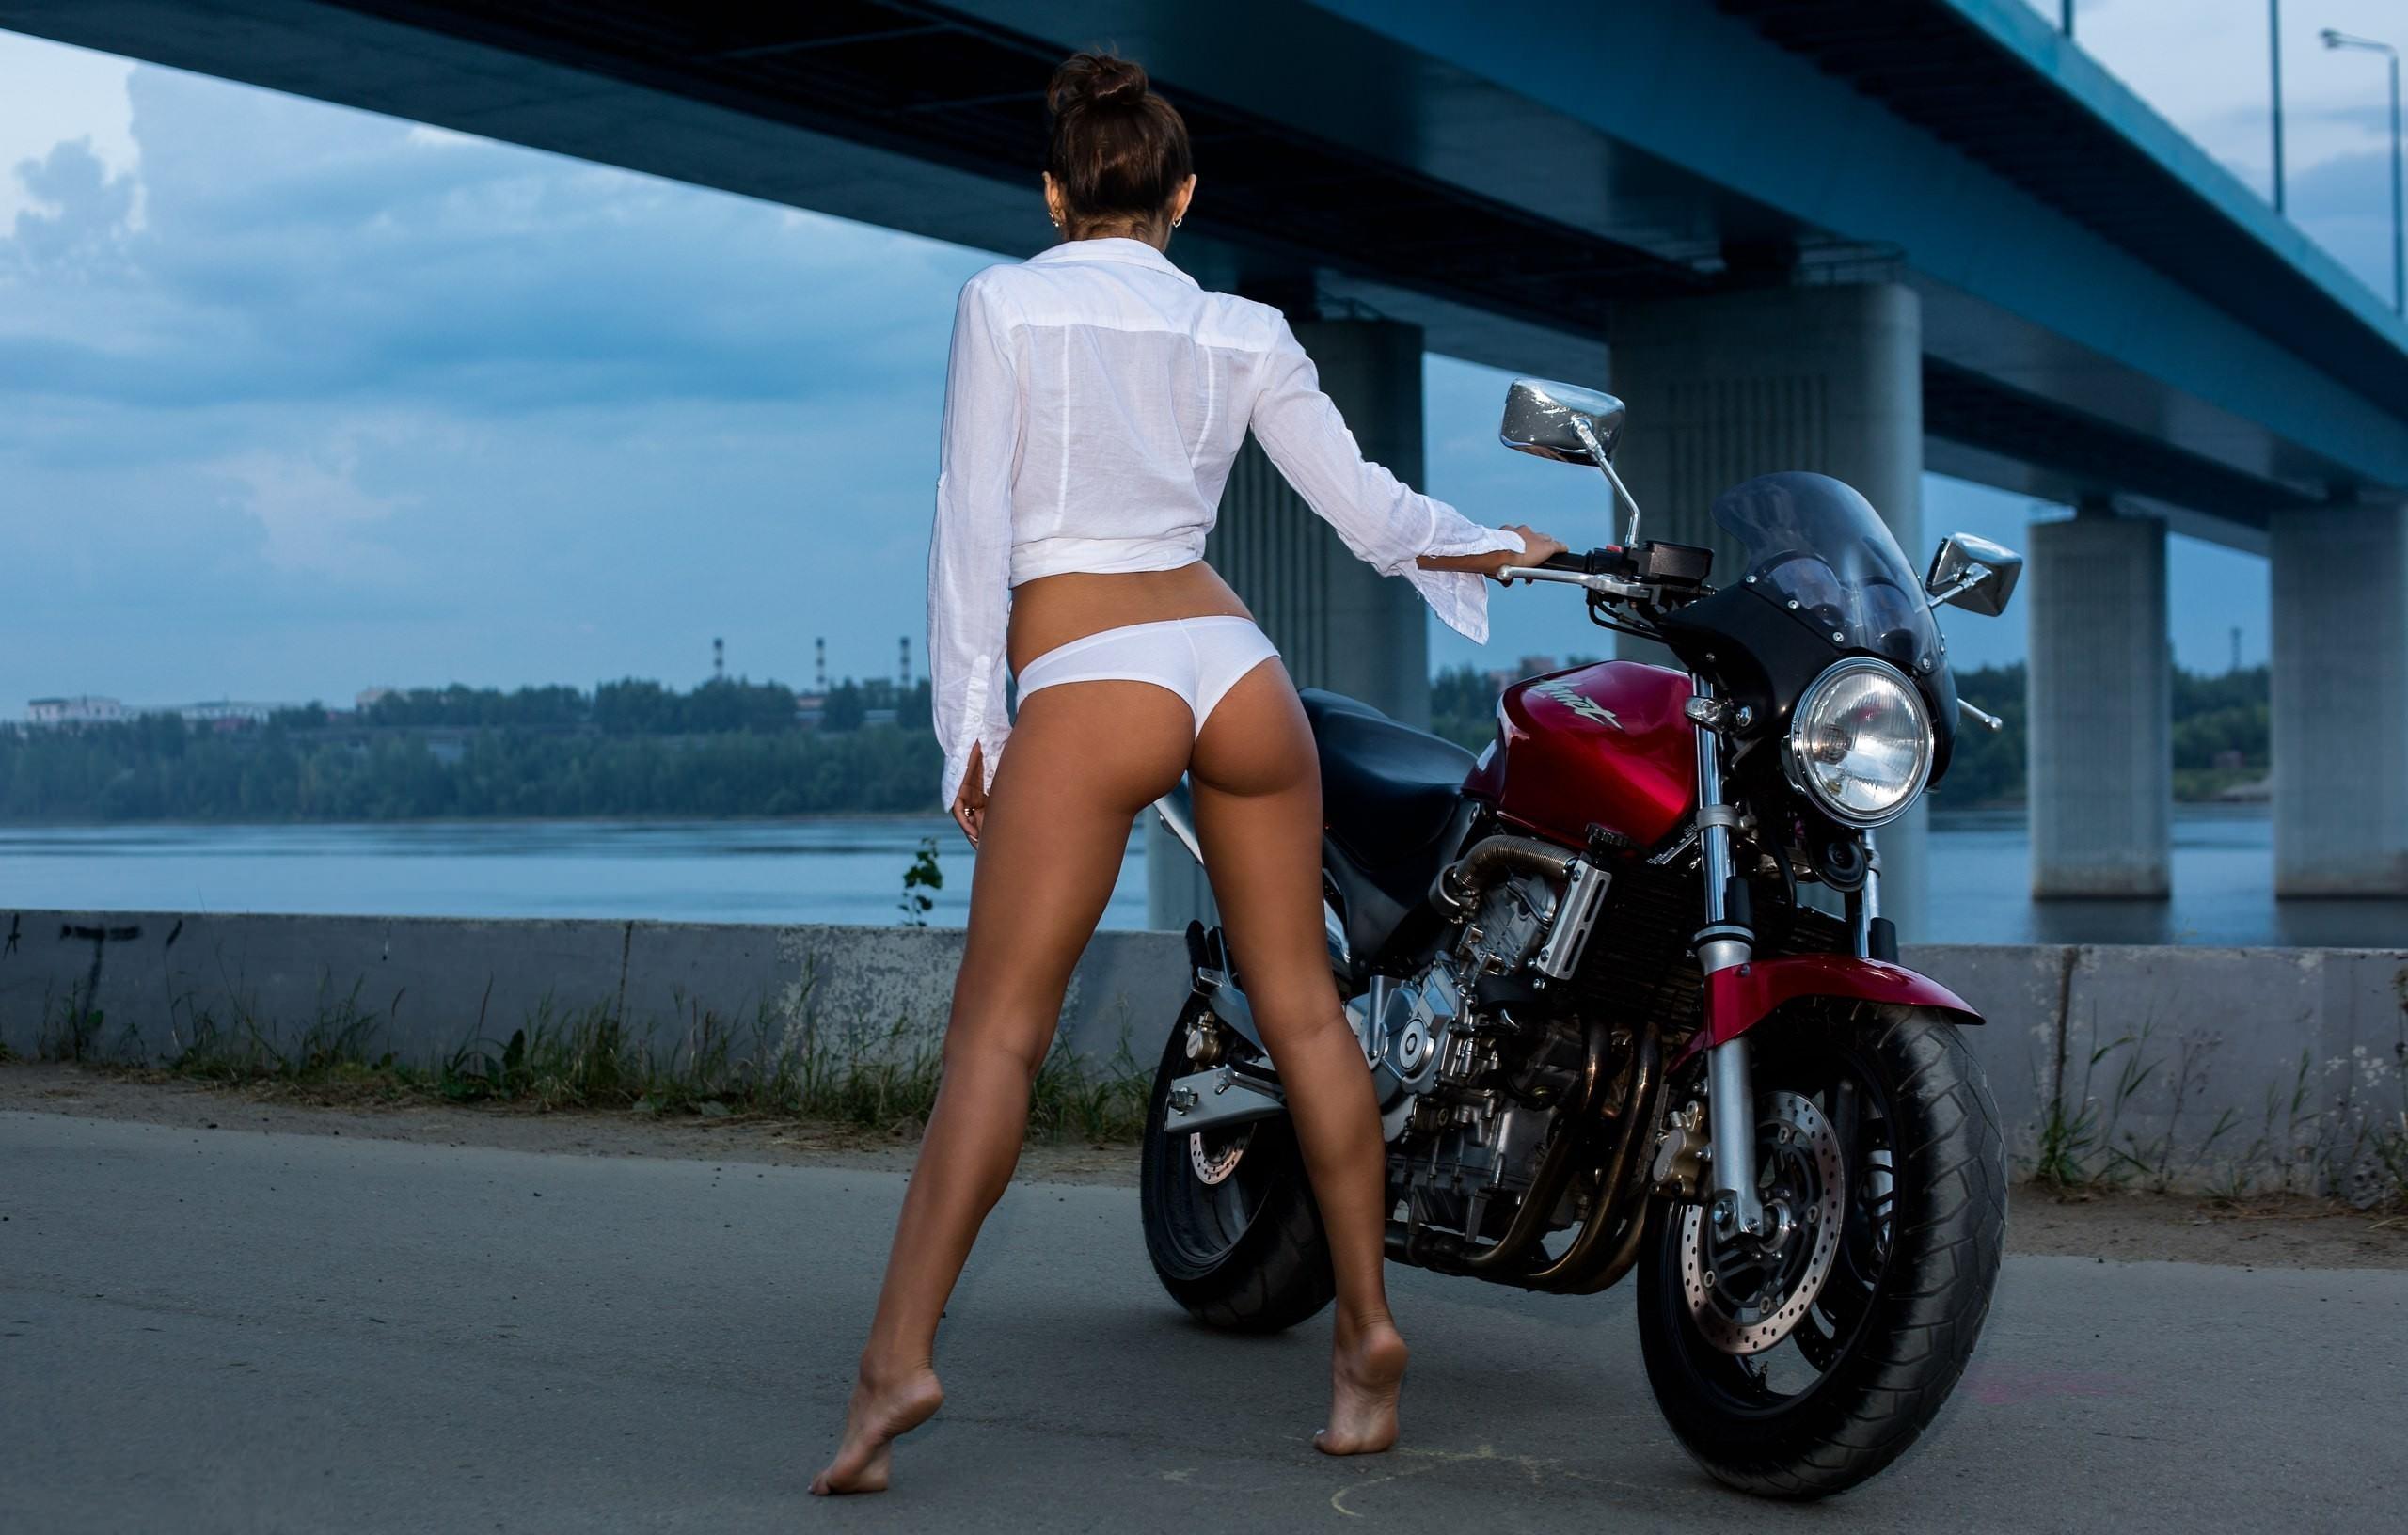 Фото Девушка в белых трусиках и рубашке встала на носочке возле мотоцикла на дороге, загорелые сексуальные ножки, упругая попка, мост, скачать картинку бесплатно